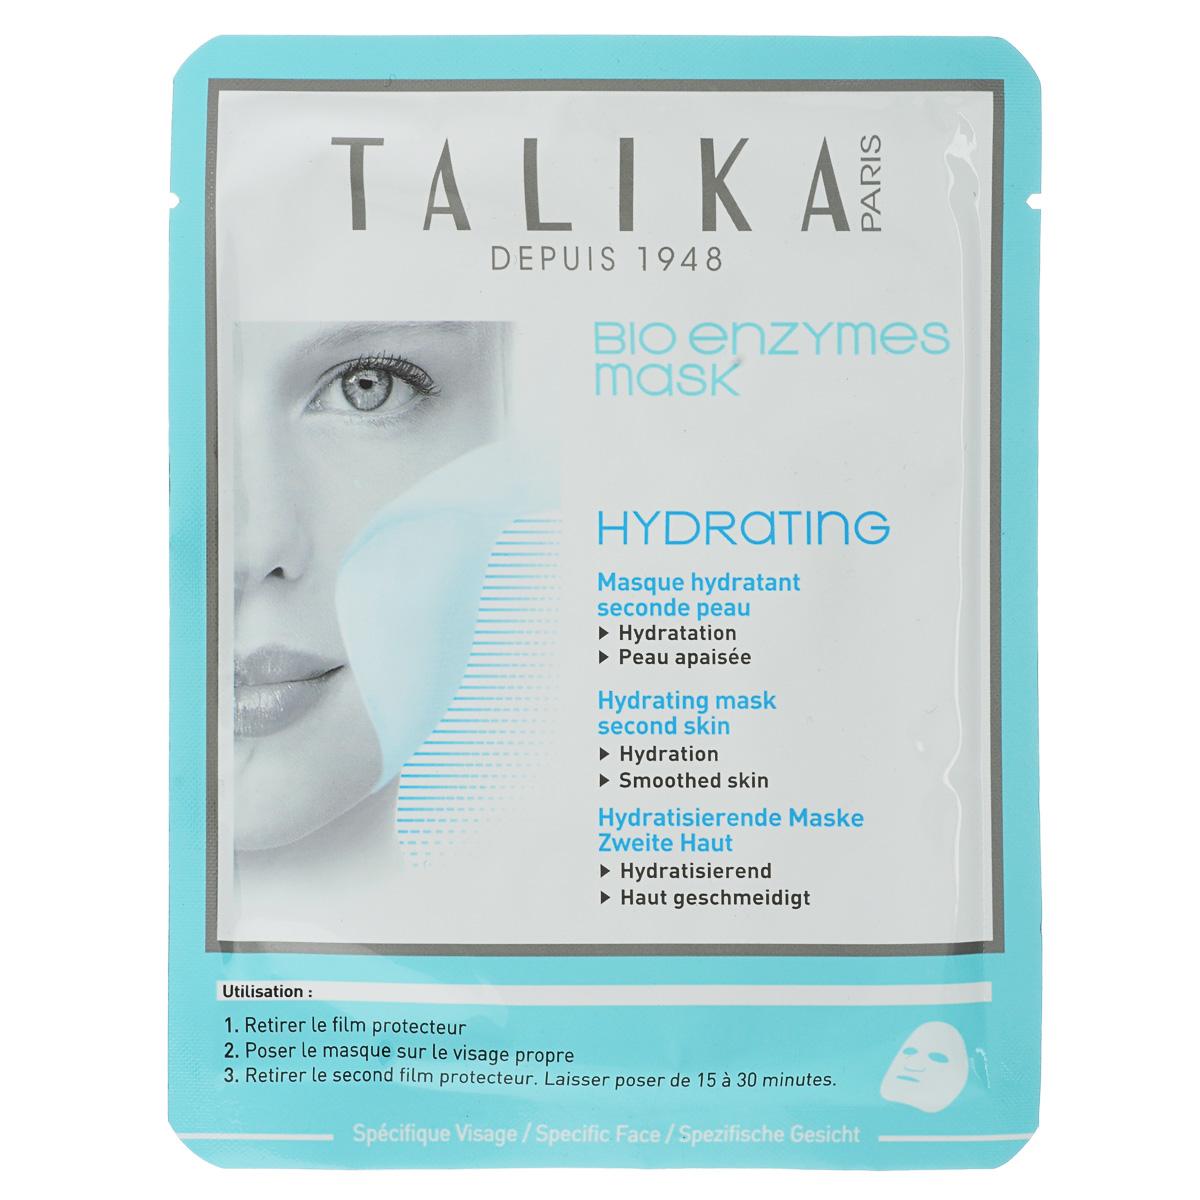 Talika Увлажняющая маска для лица Bio Enzymes, 20 г709434Увлажняющая маска для лица Bio Enzymes. Насыщенная задерживающим влагу сахаром маска обогащает кожу влагой. Экстракты альпийских цветов успокаивают кожу.